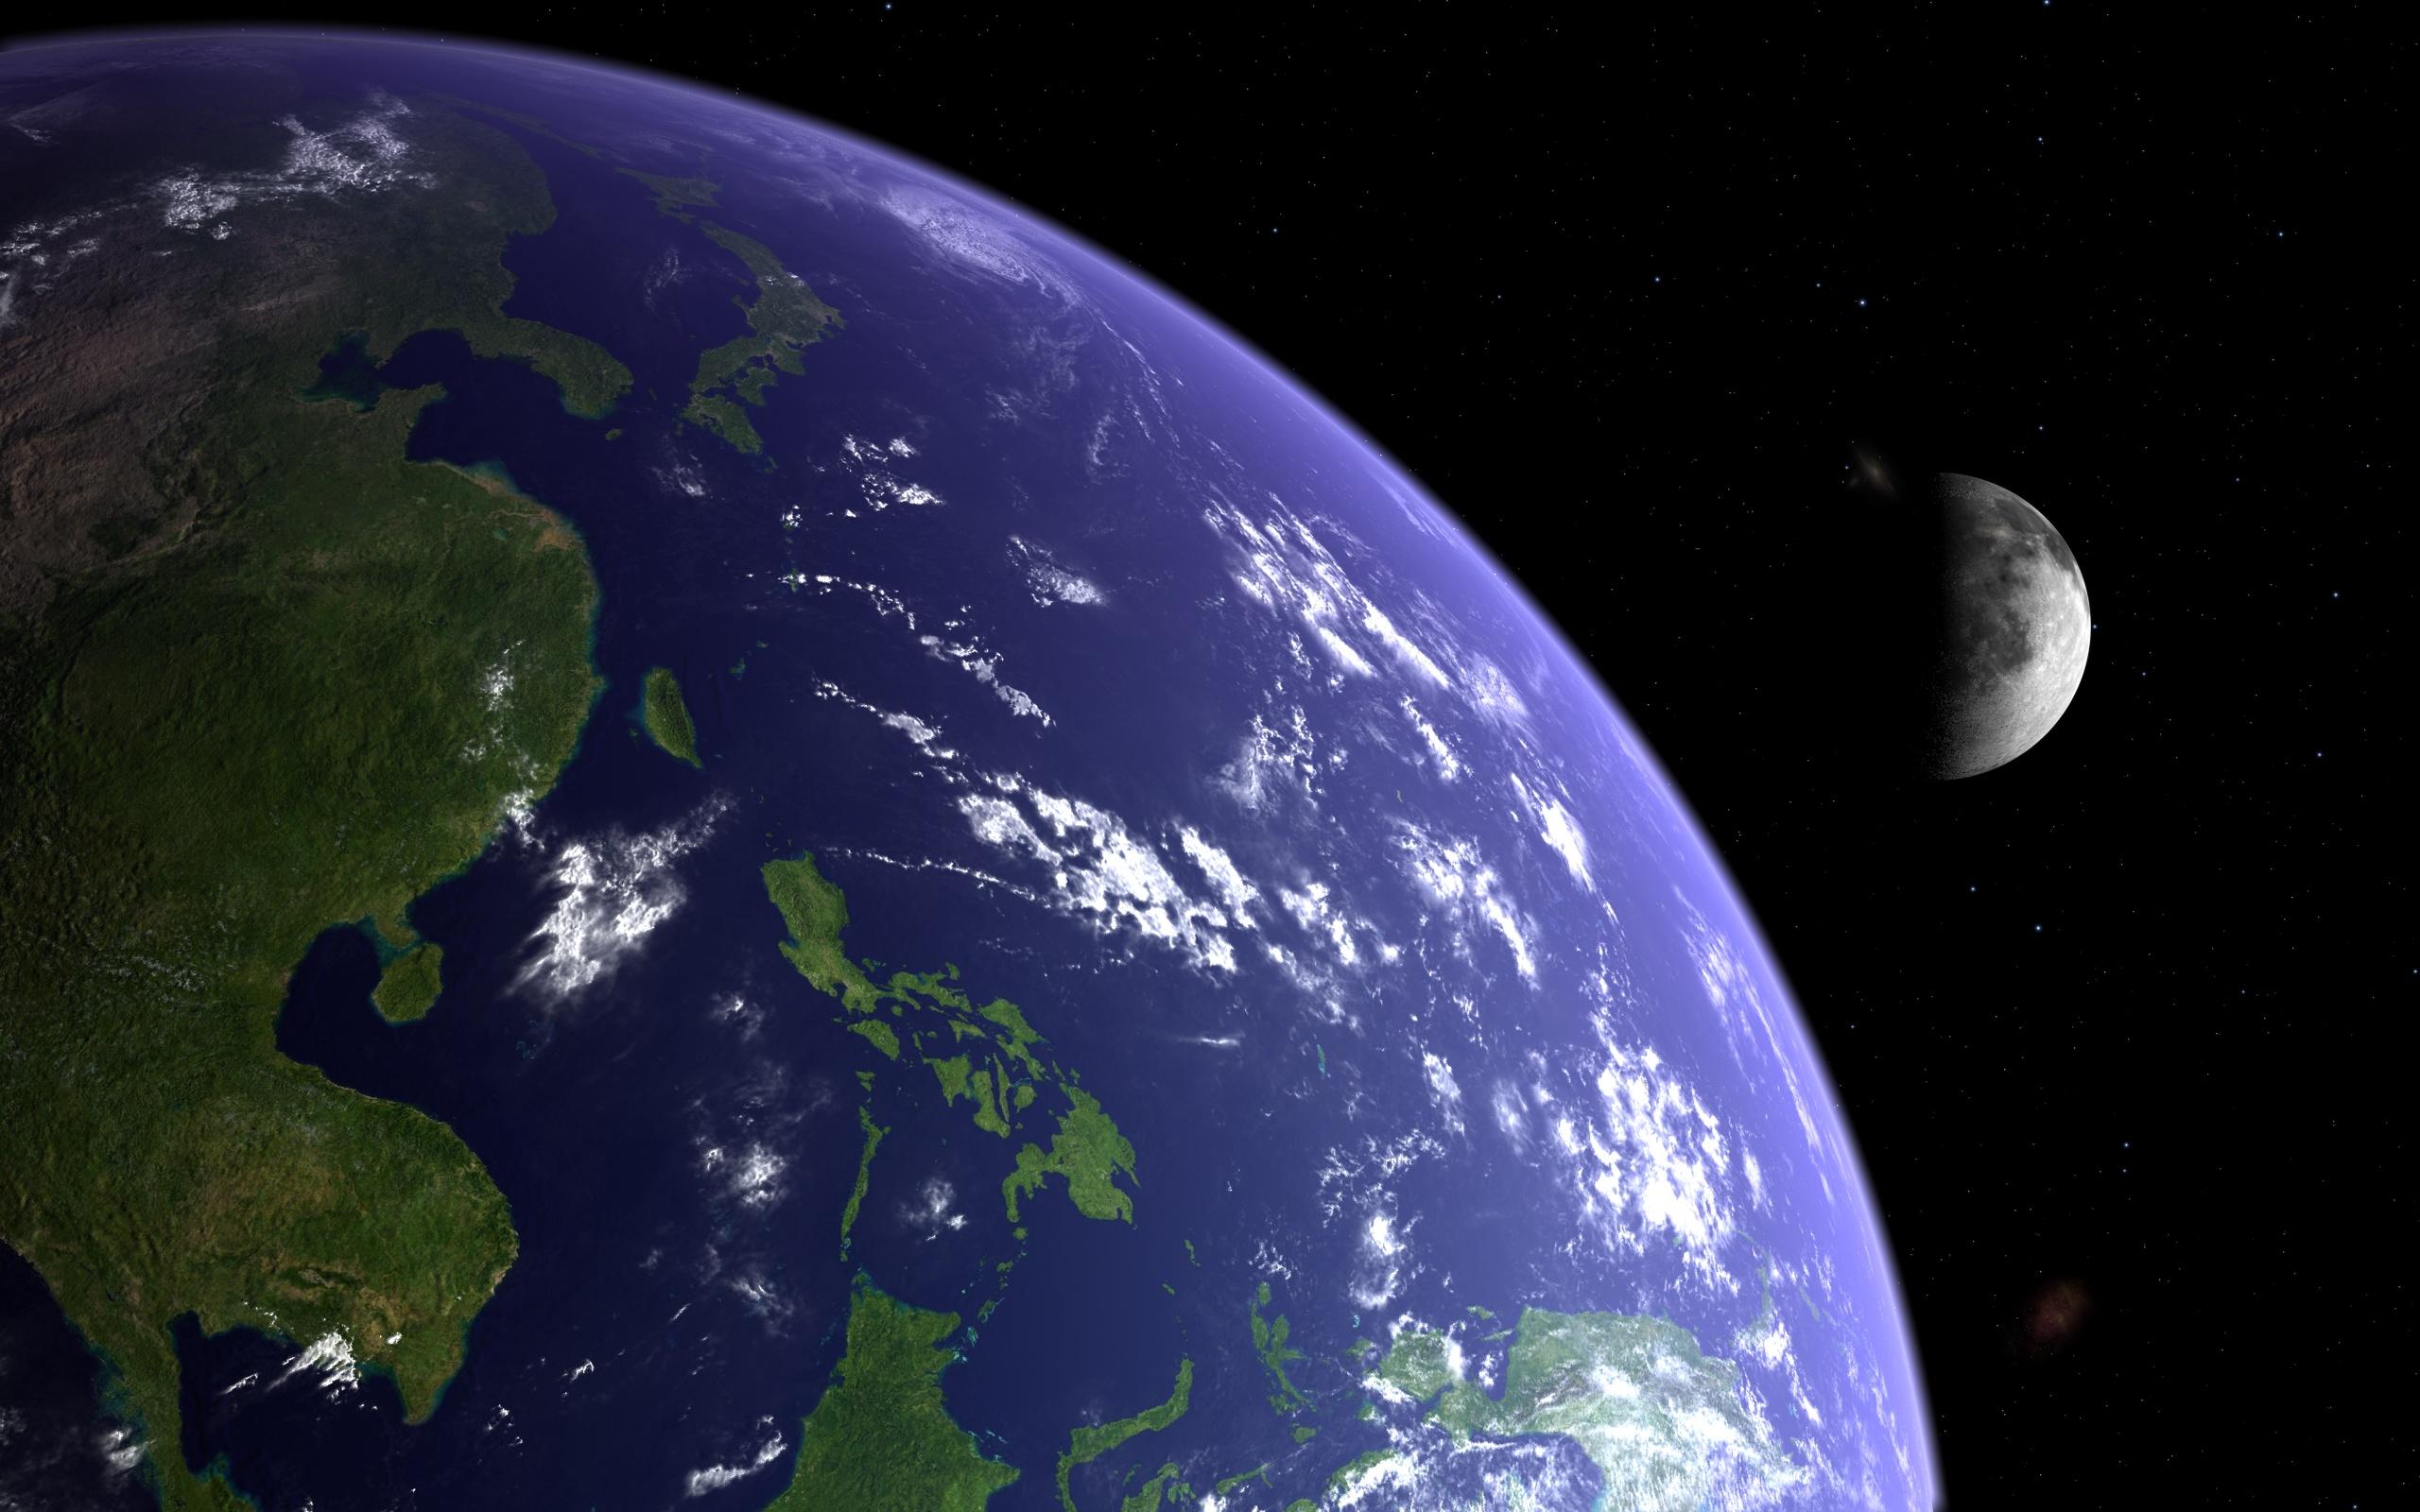 Ученые Колумбийского университета выяснили, как Луна «растянула» день на планете Земля